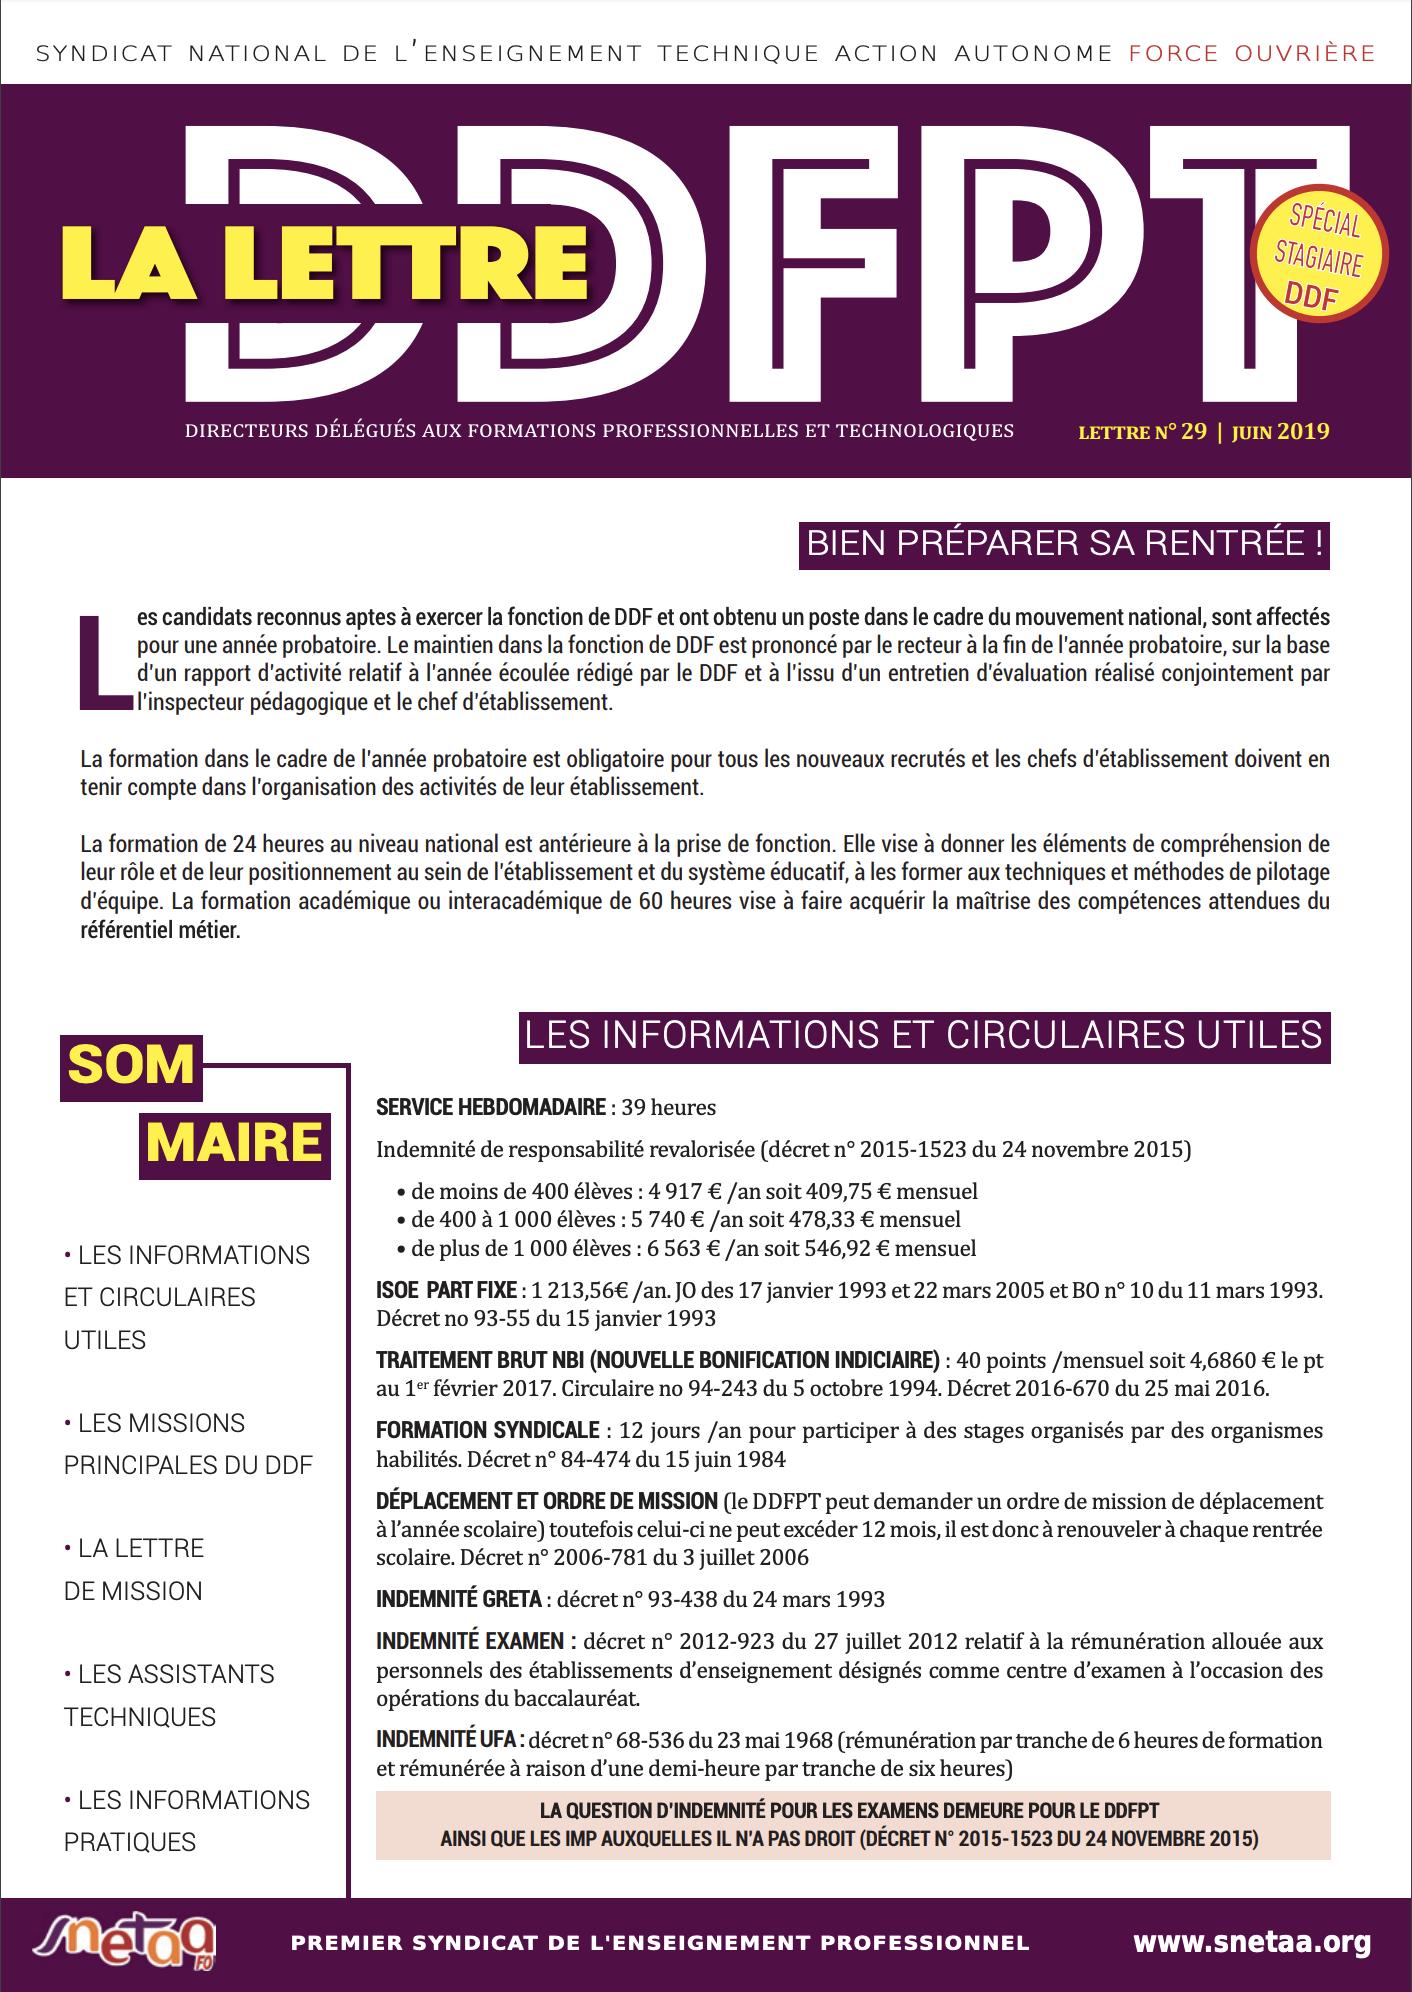 Lettre DDFPT n°29